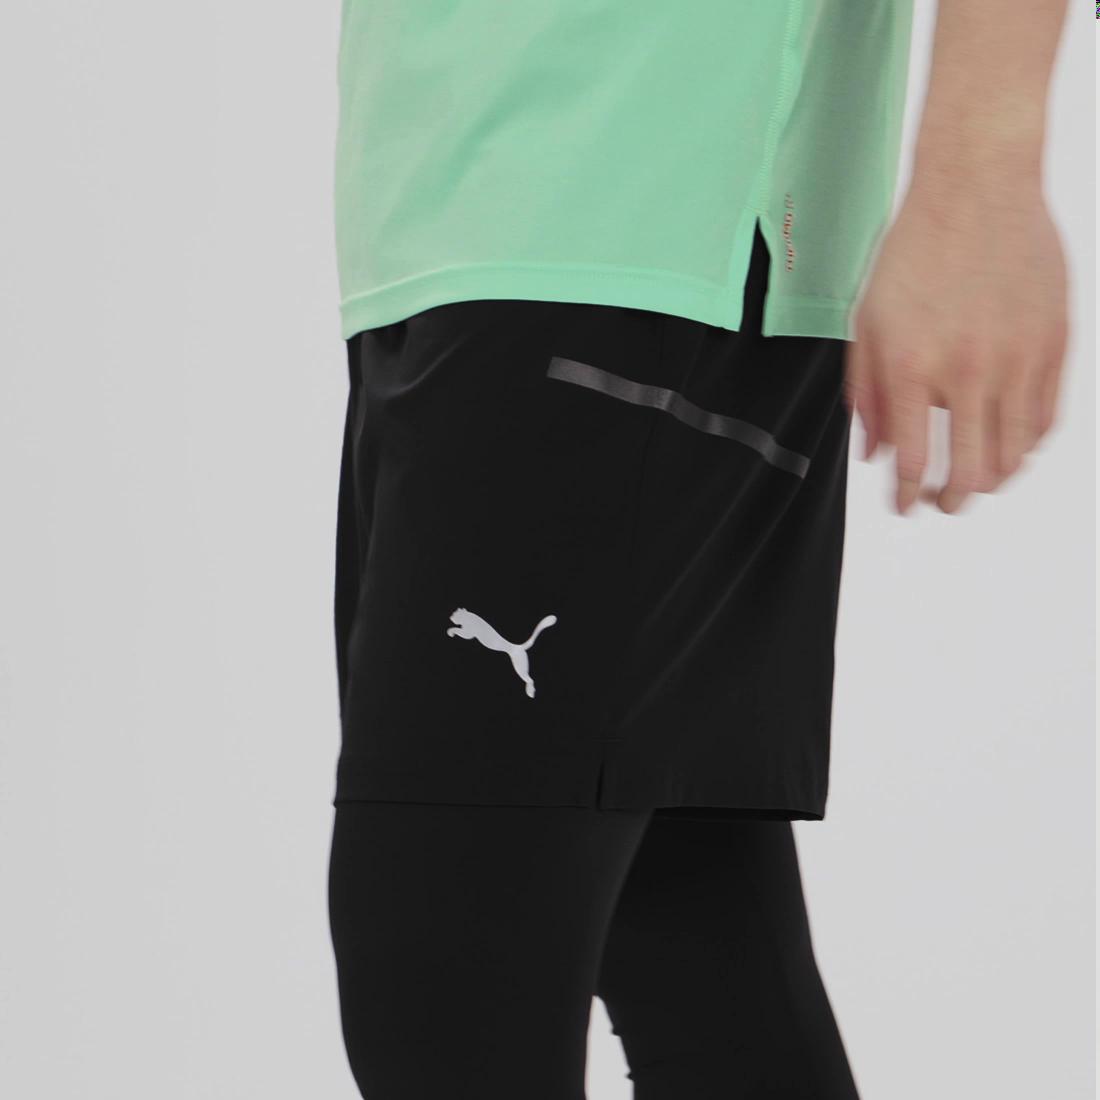 Imagen PUMA Shorts Runner ID 18 cm para hombre #8